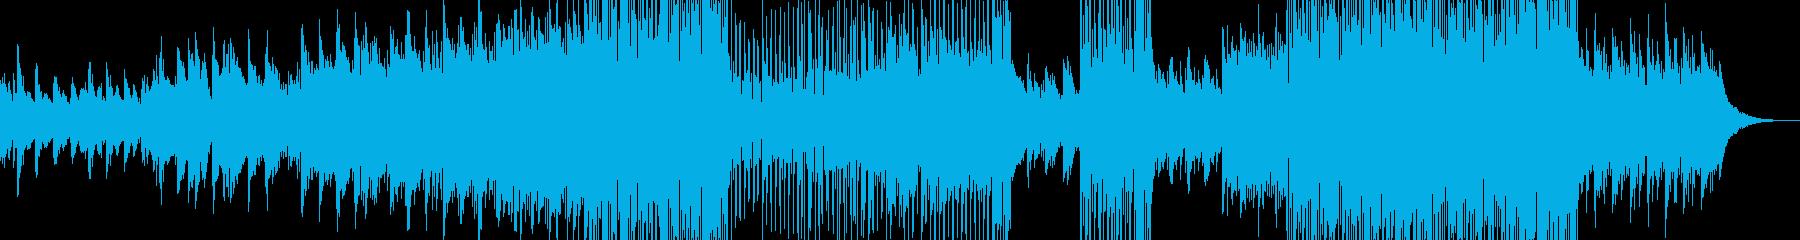 幻想的な夜明け・後半テクノポップの再生済みの波形